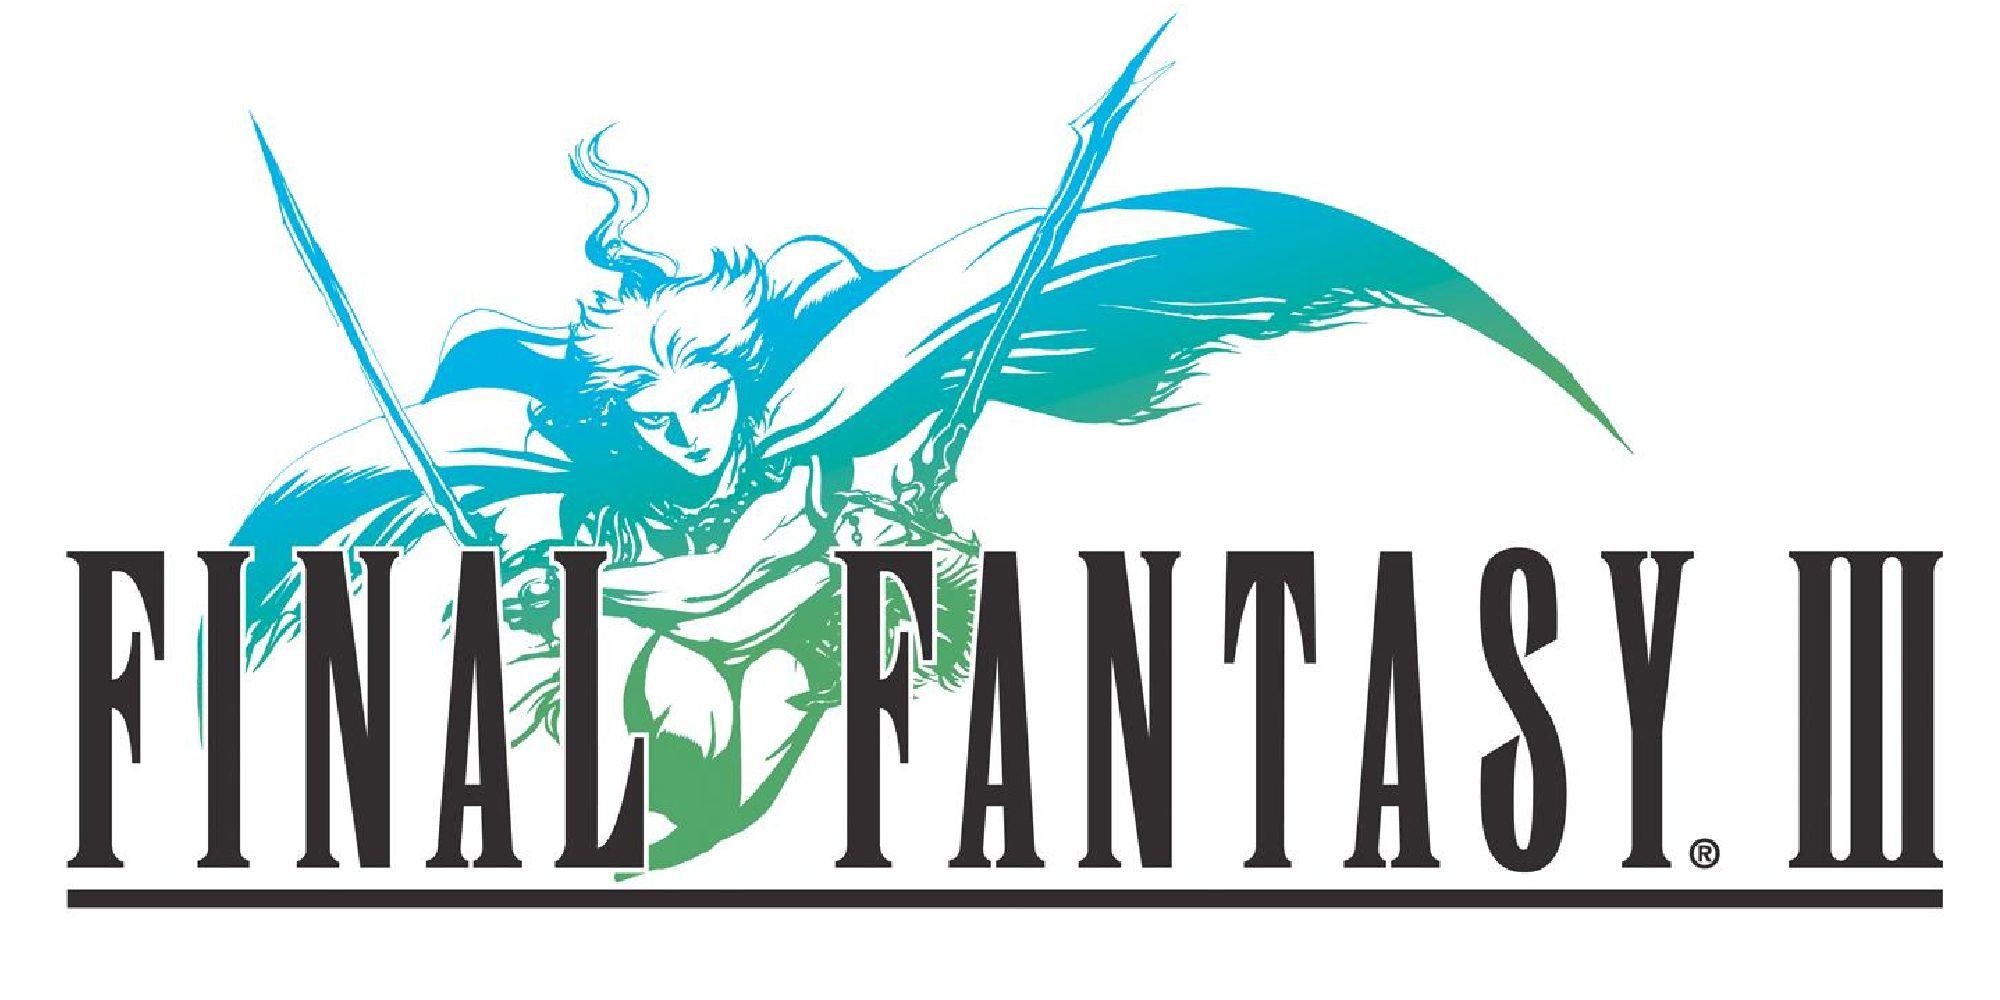 Por que o designer de personagens de Final Fantasy 3 nunca mais criou outro emprego no FF 1